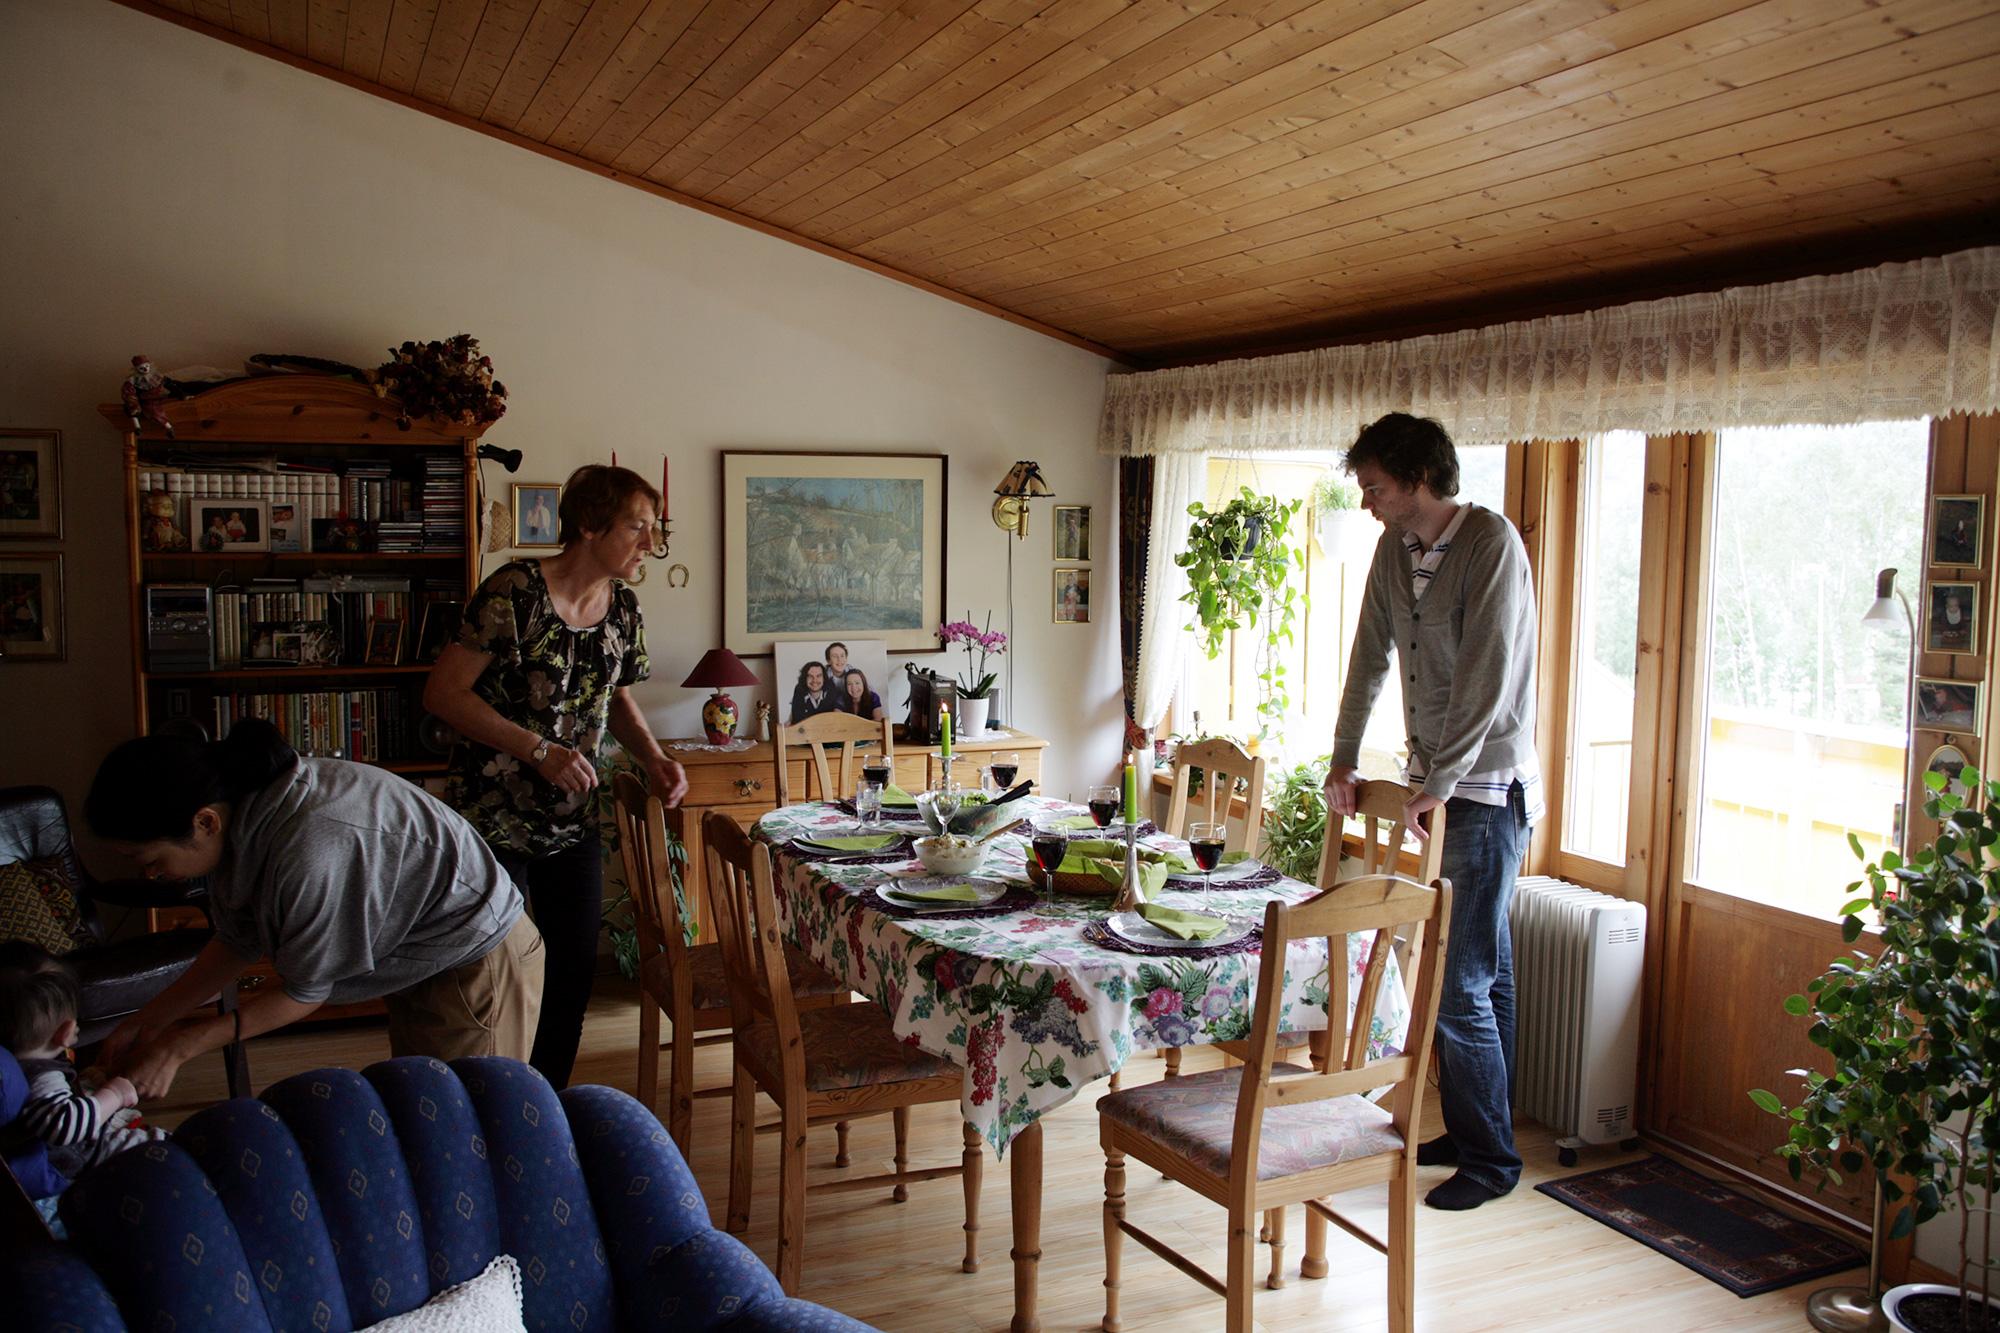 毎回、みんなで食べる食事はテーブルセッティングをしてくれた。写真や絵を飾るのと同様、こういうことがさらっと出来てしまうのがカッコイイなあーと思った。